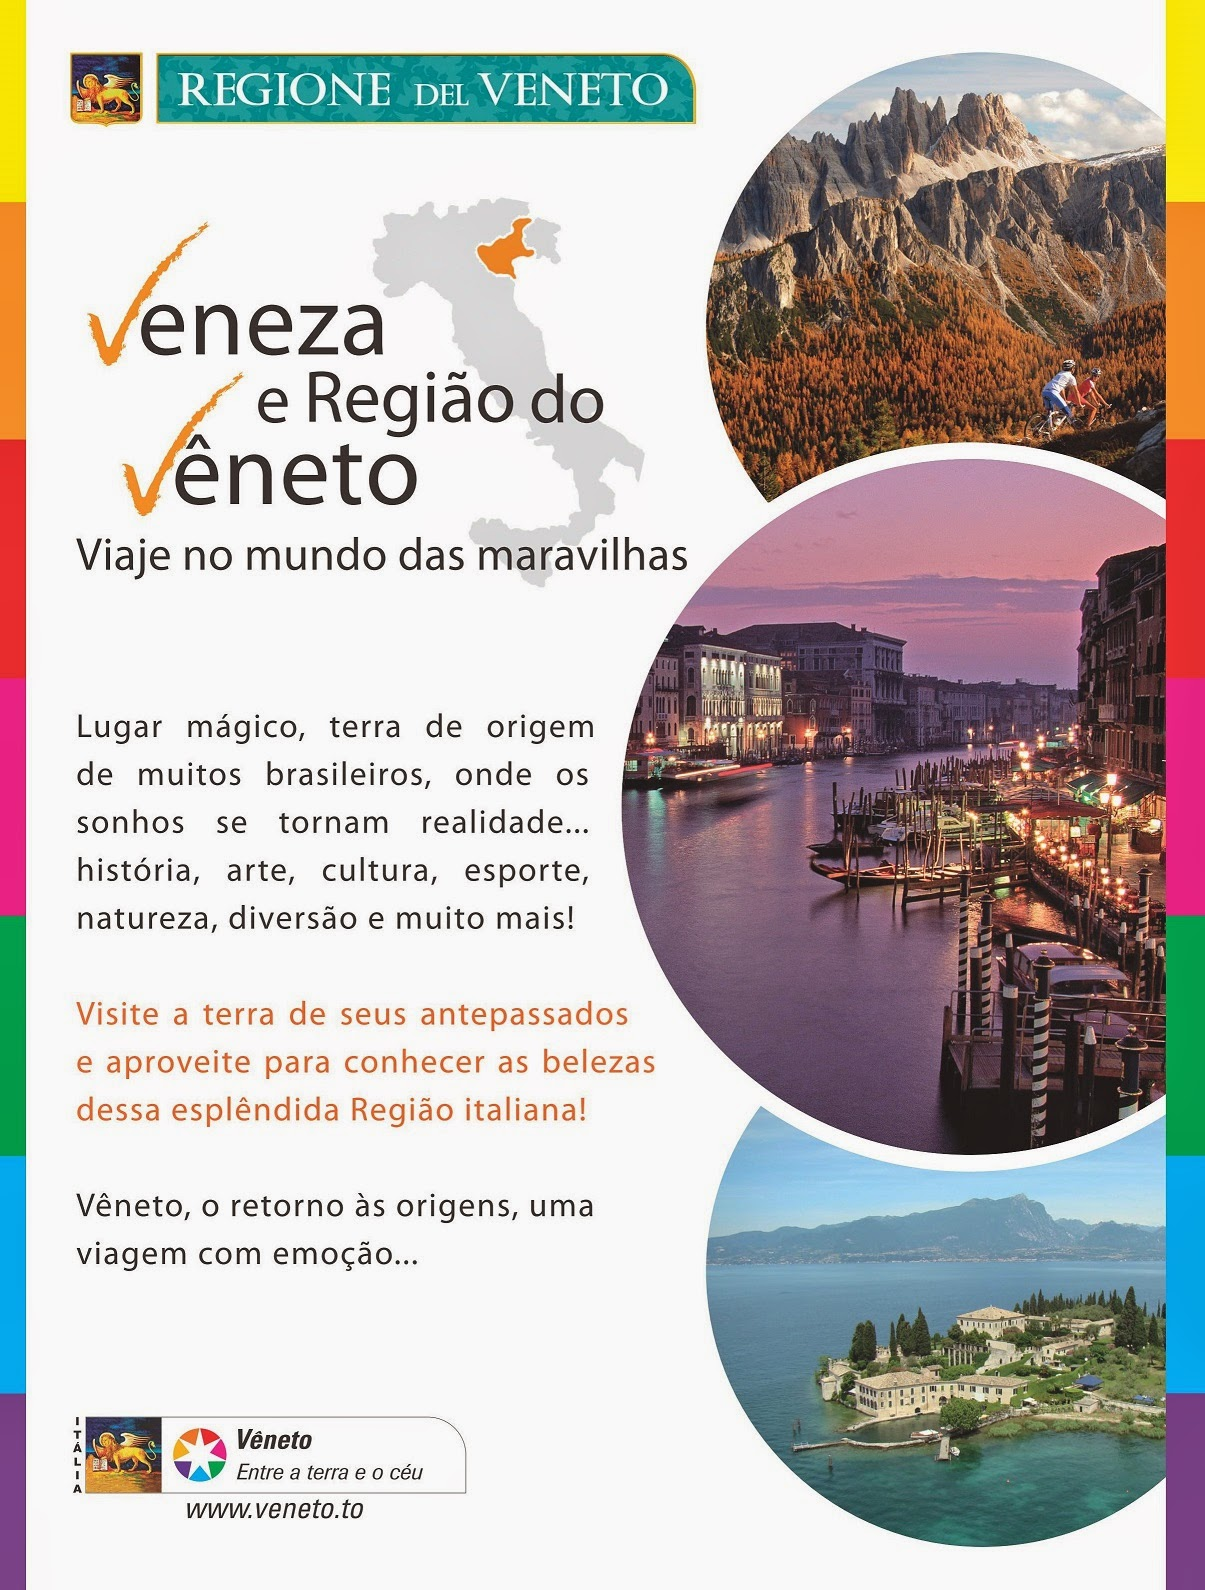 Veneza e Região do Vêneto